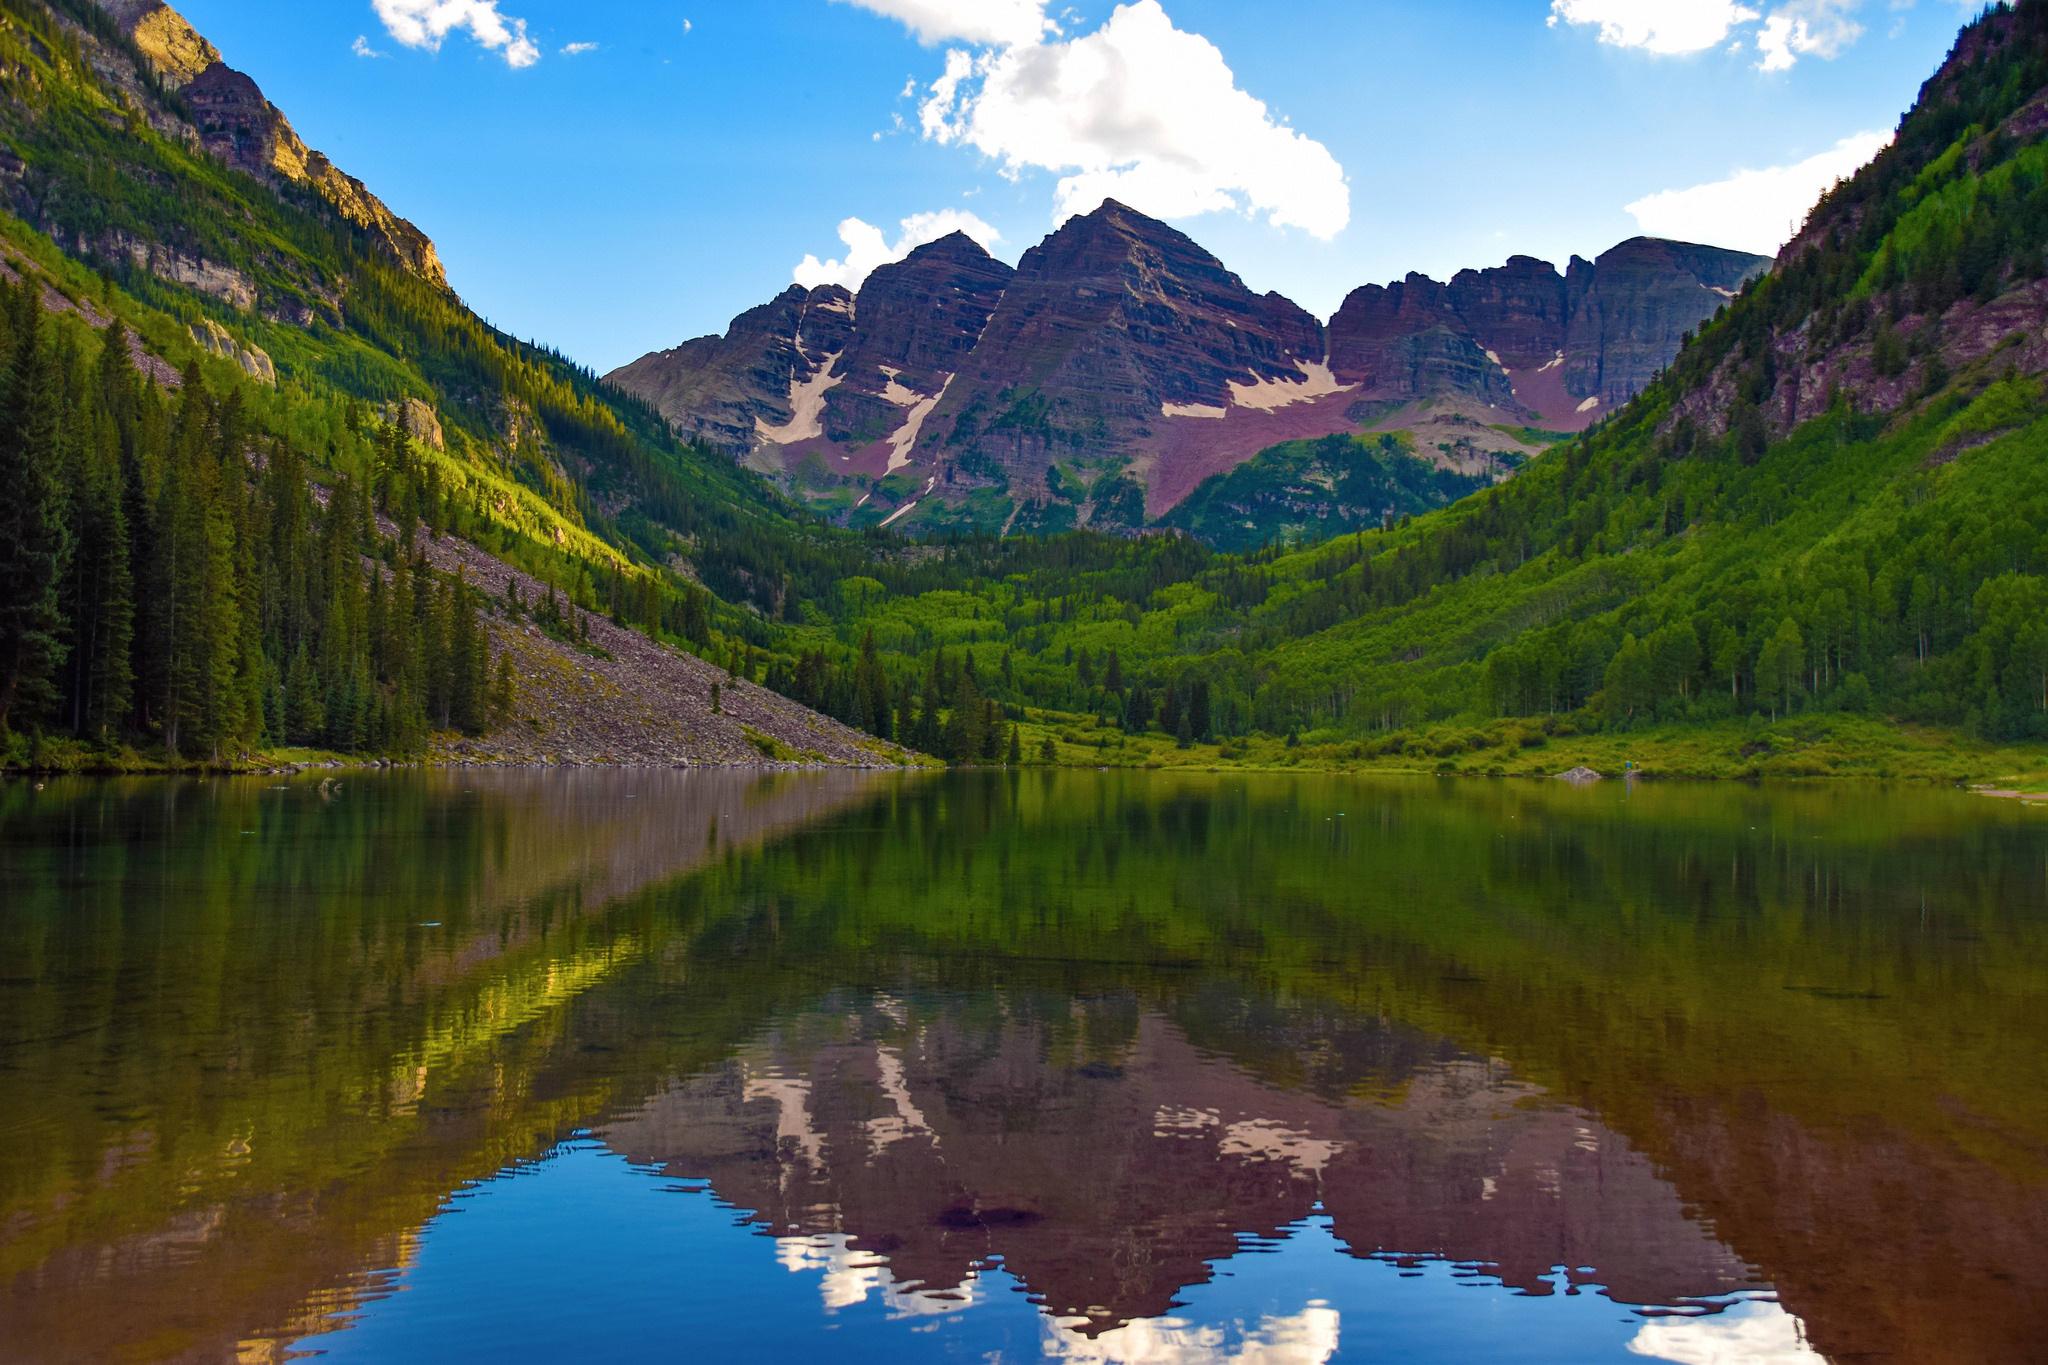 64926 Заставки и Обои Природа на телефон. Скачать Природа, Марун-Беллс, Колорадо, Сша, Озеро, Горы картинки бесплатно